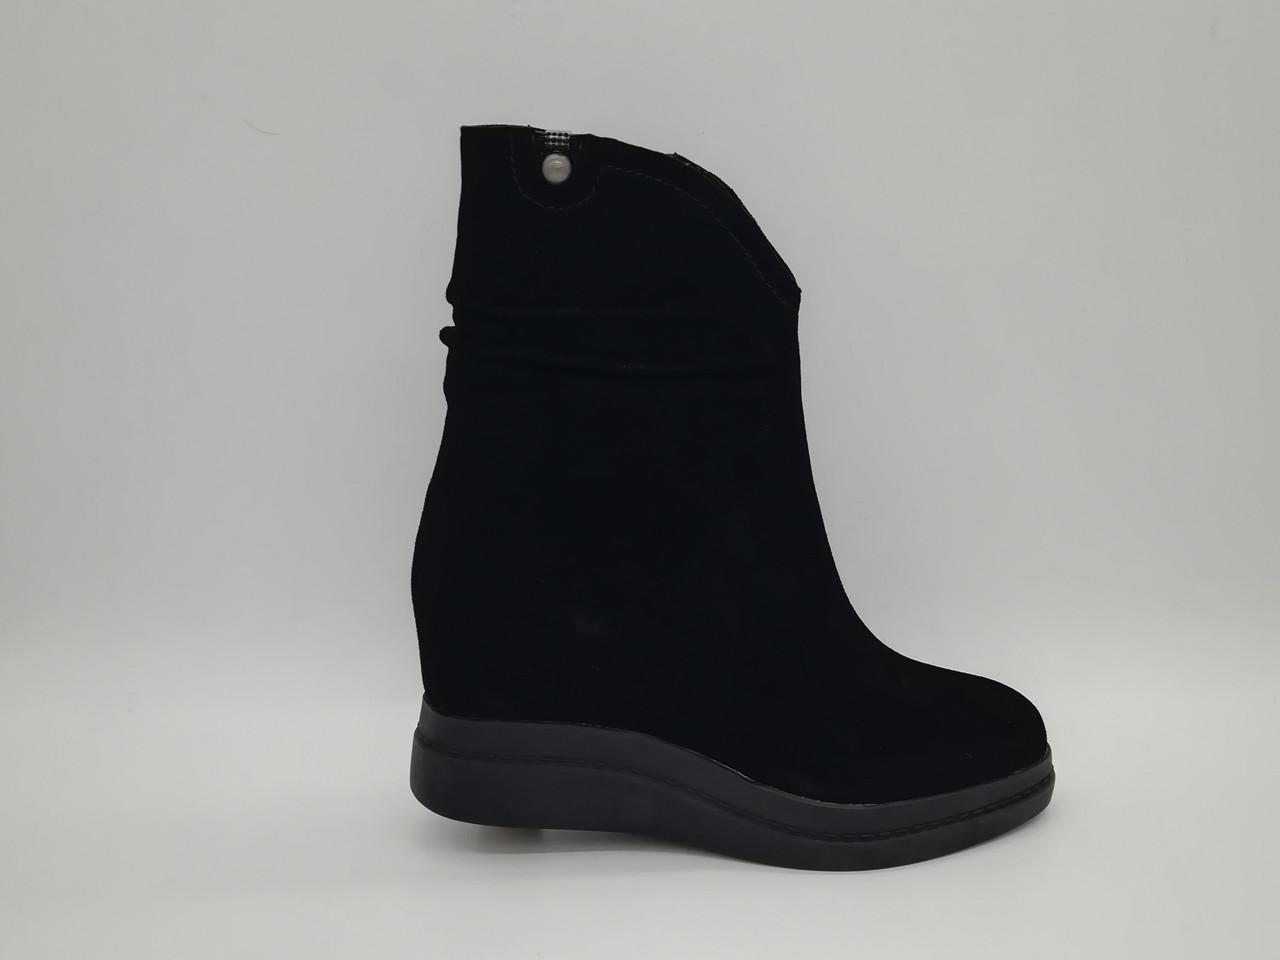 Черные замшевые  зимние ботиночки на толстой подошве. Маленькие (33 - 35) размеры.